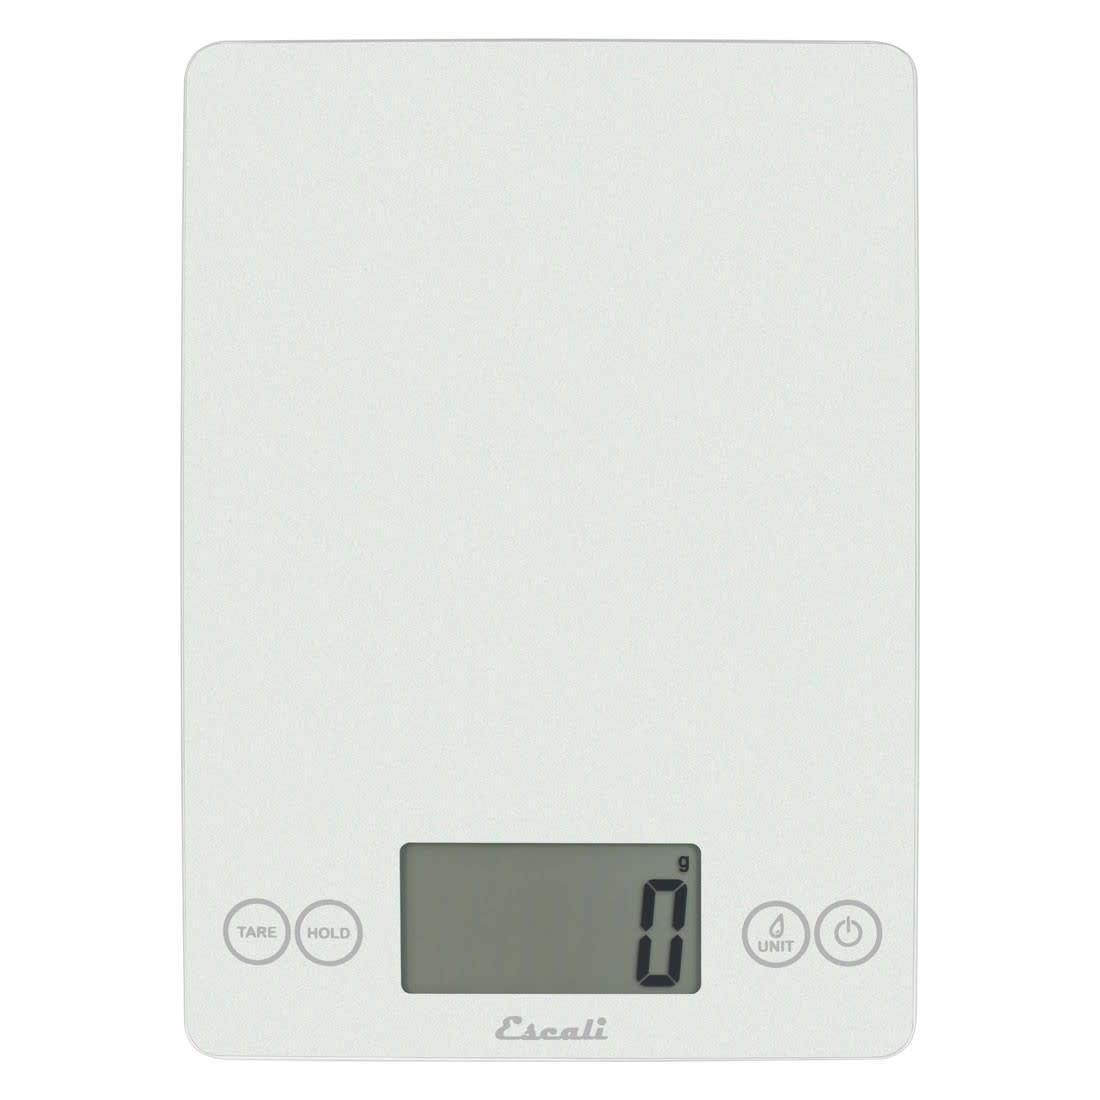 Arti Glass Digital Scale Frost White 7Kg/15lb